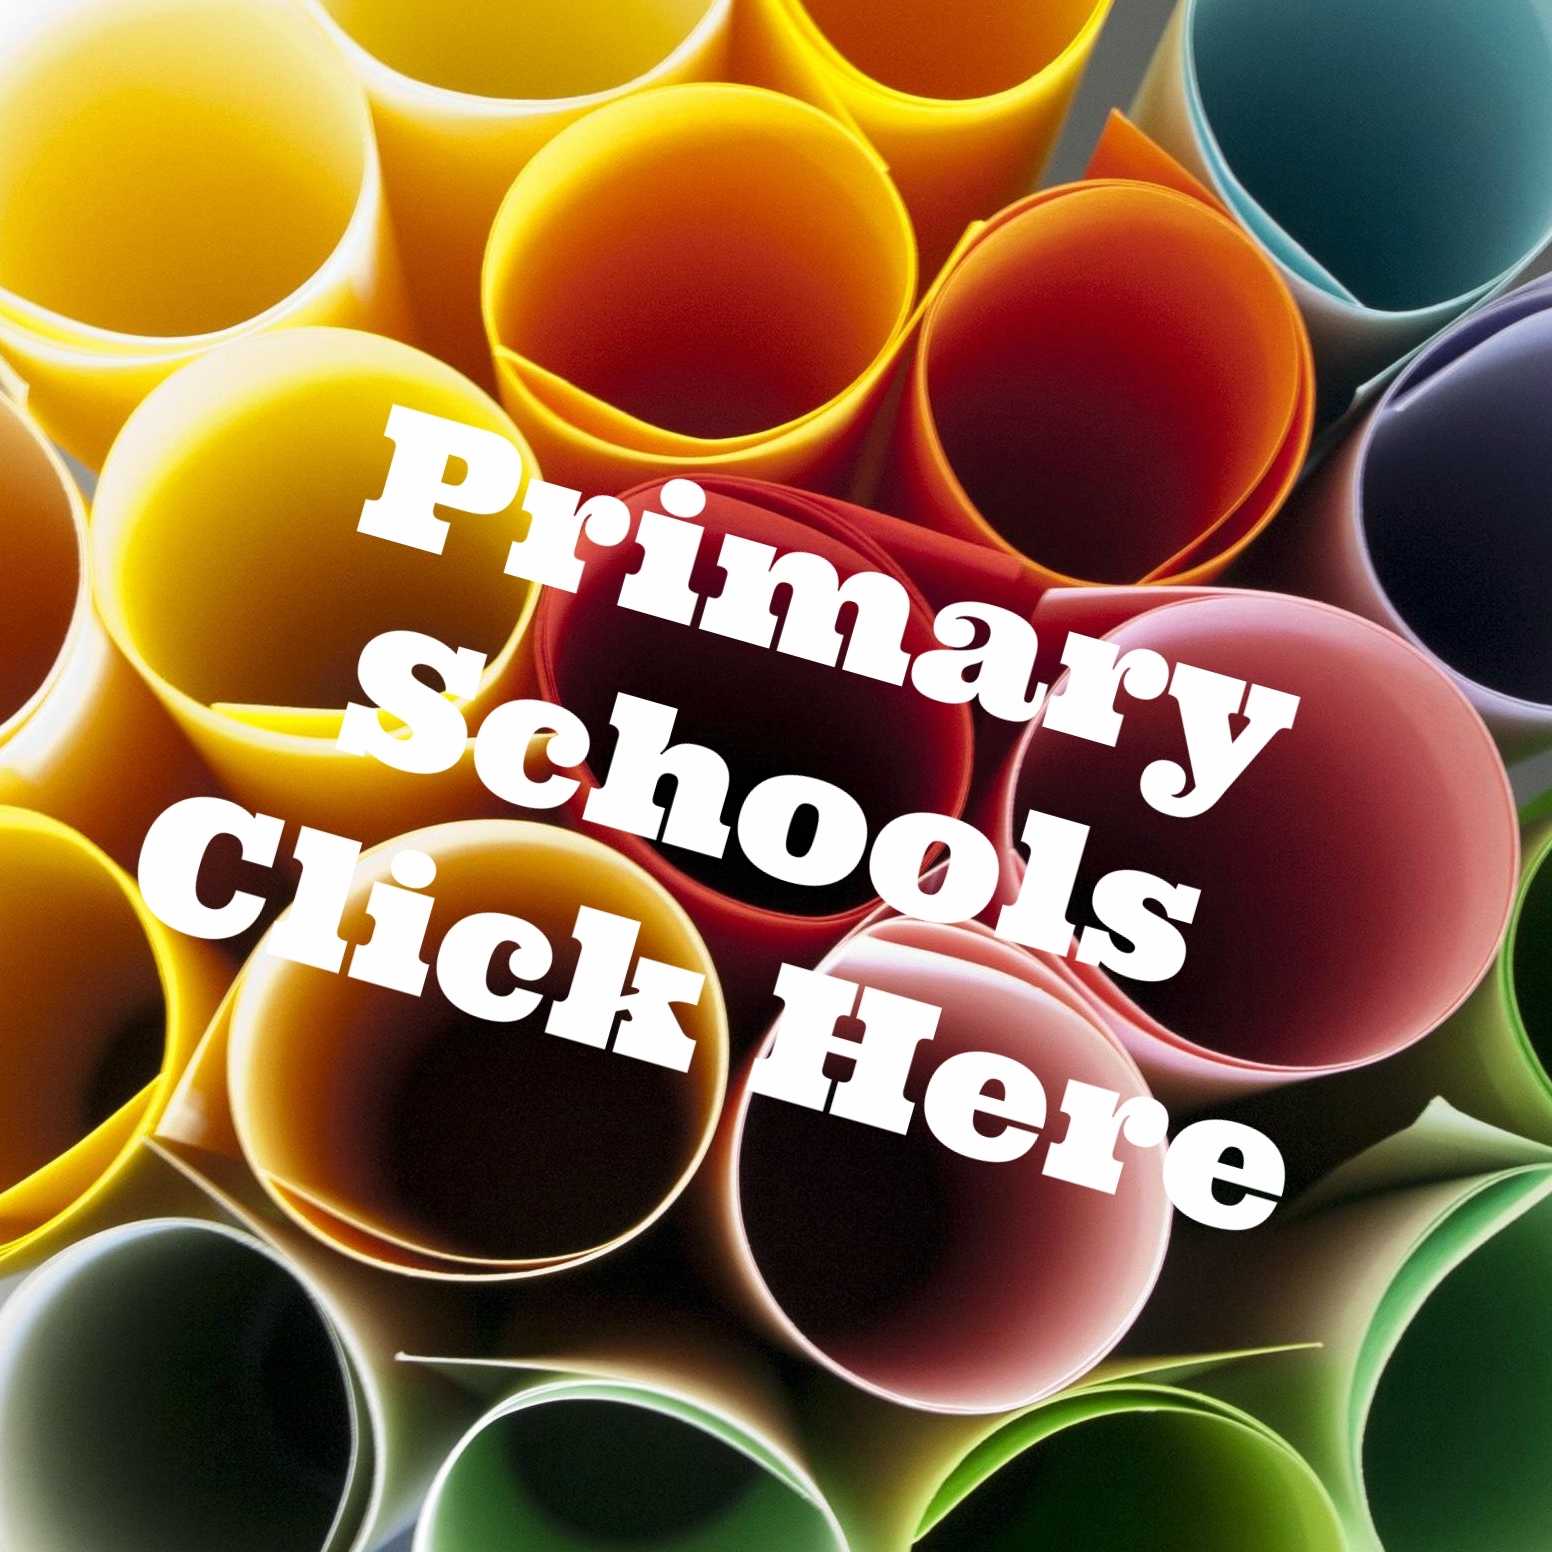 Primary Schools Info